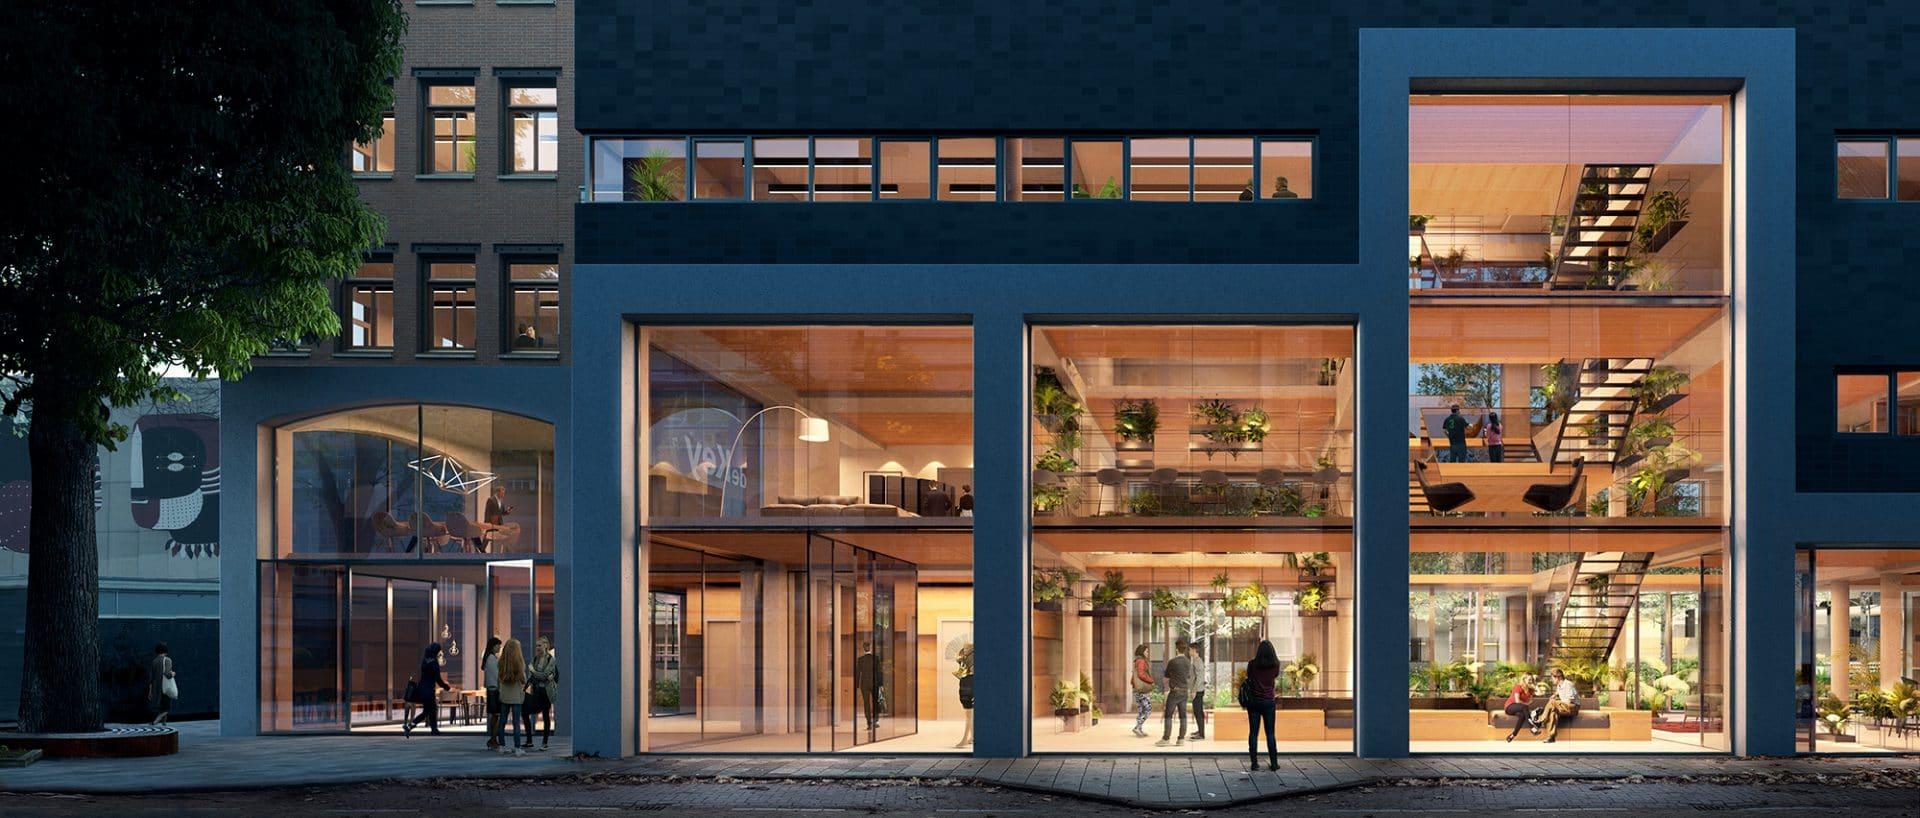 Transformatie hoofdkantoor De Key door Studioninedots